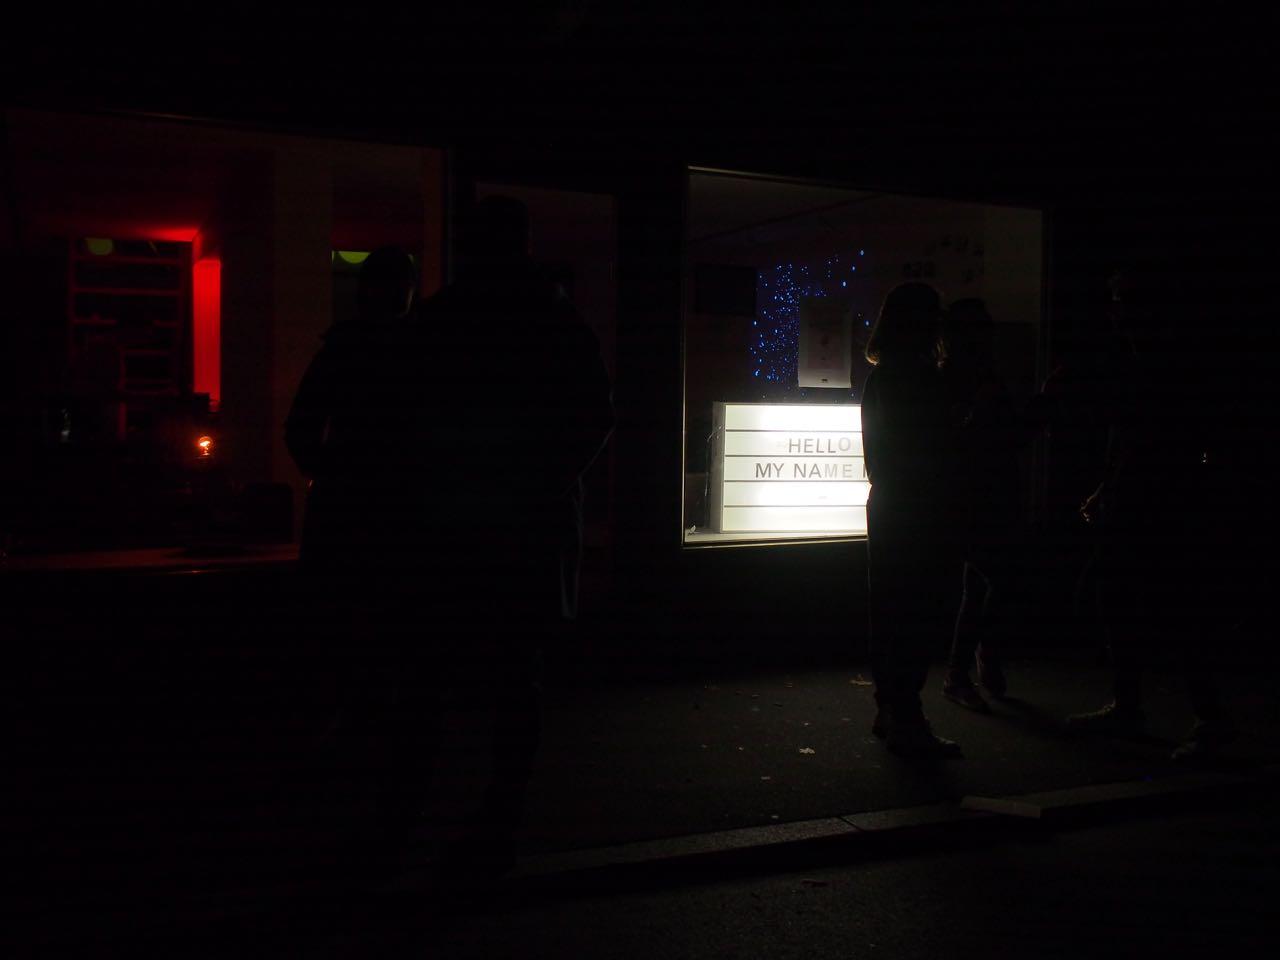 Hellomynameis - Leuchteschild